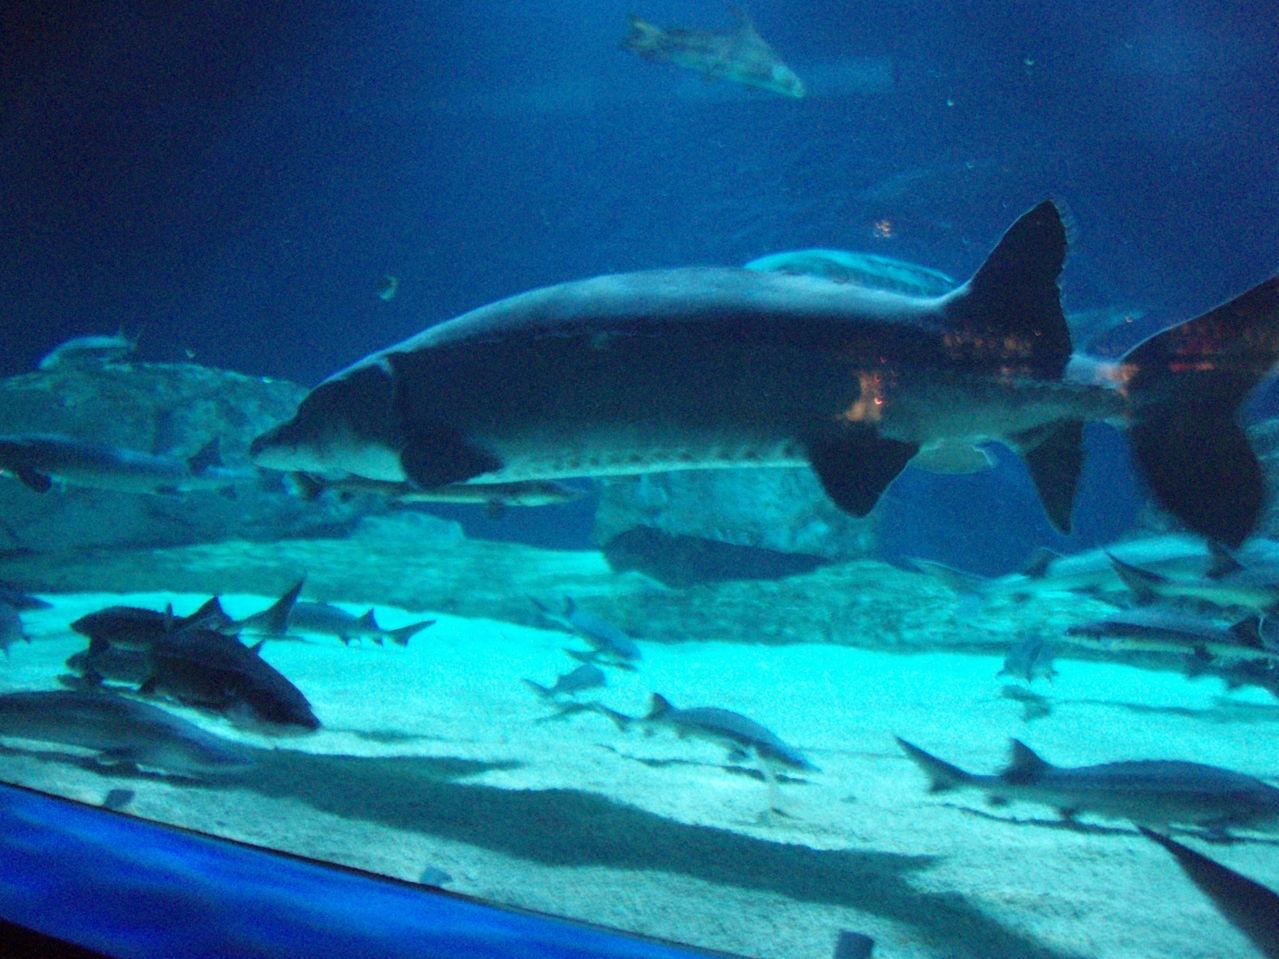 壁纸 海底 海底世界 海洋馆 水族馆 1279_959